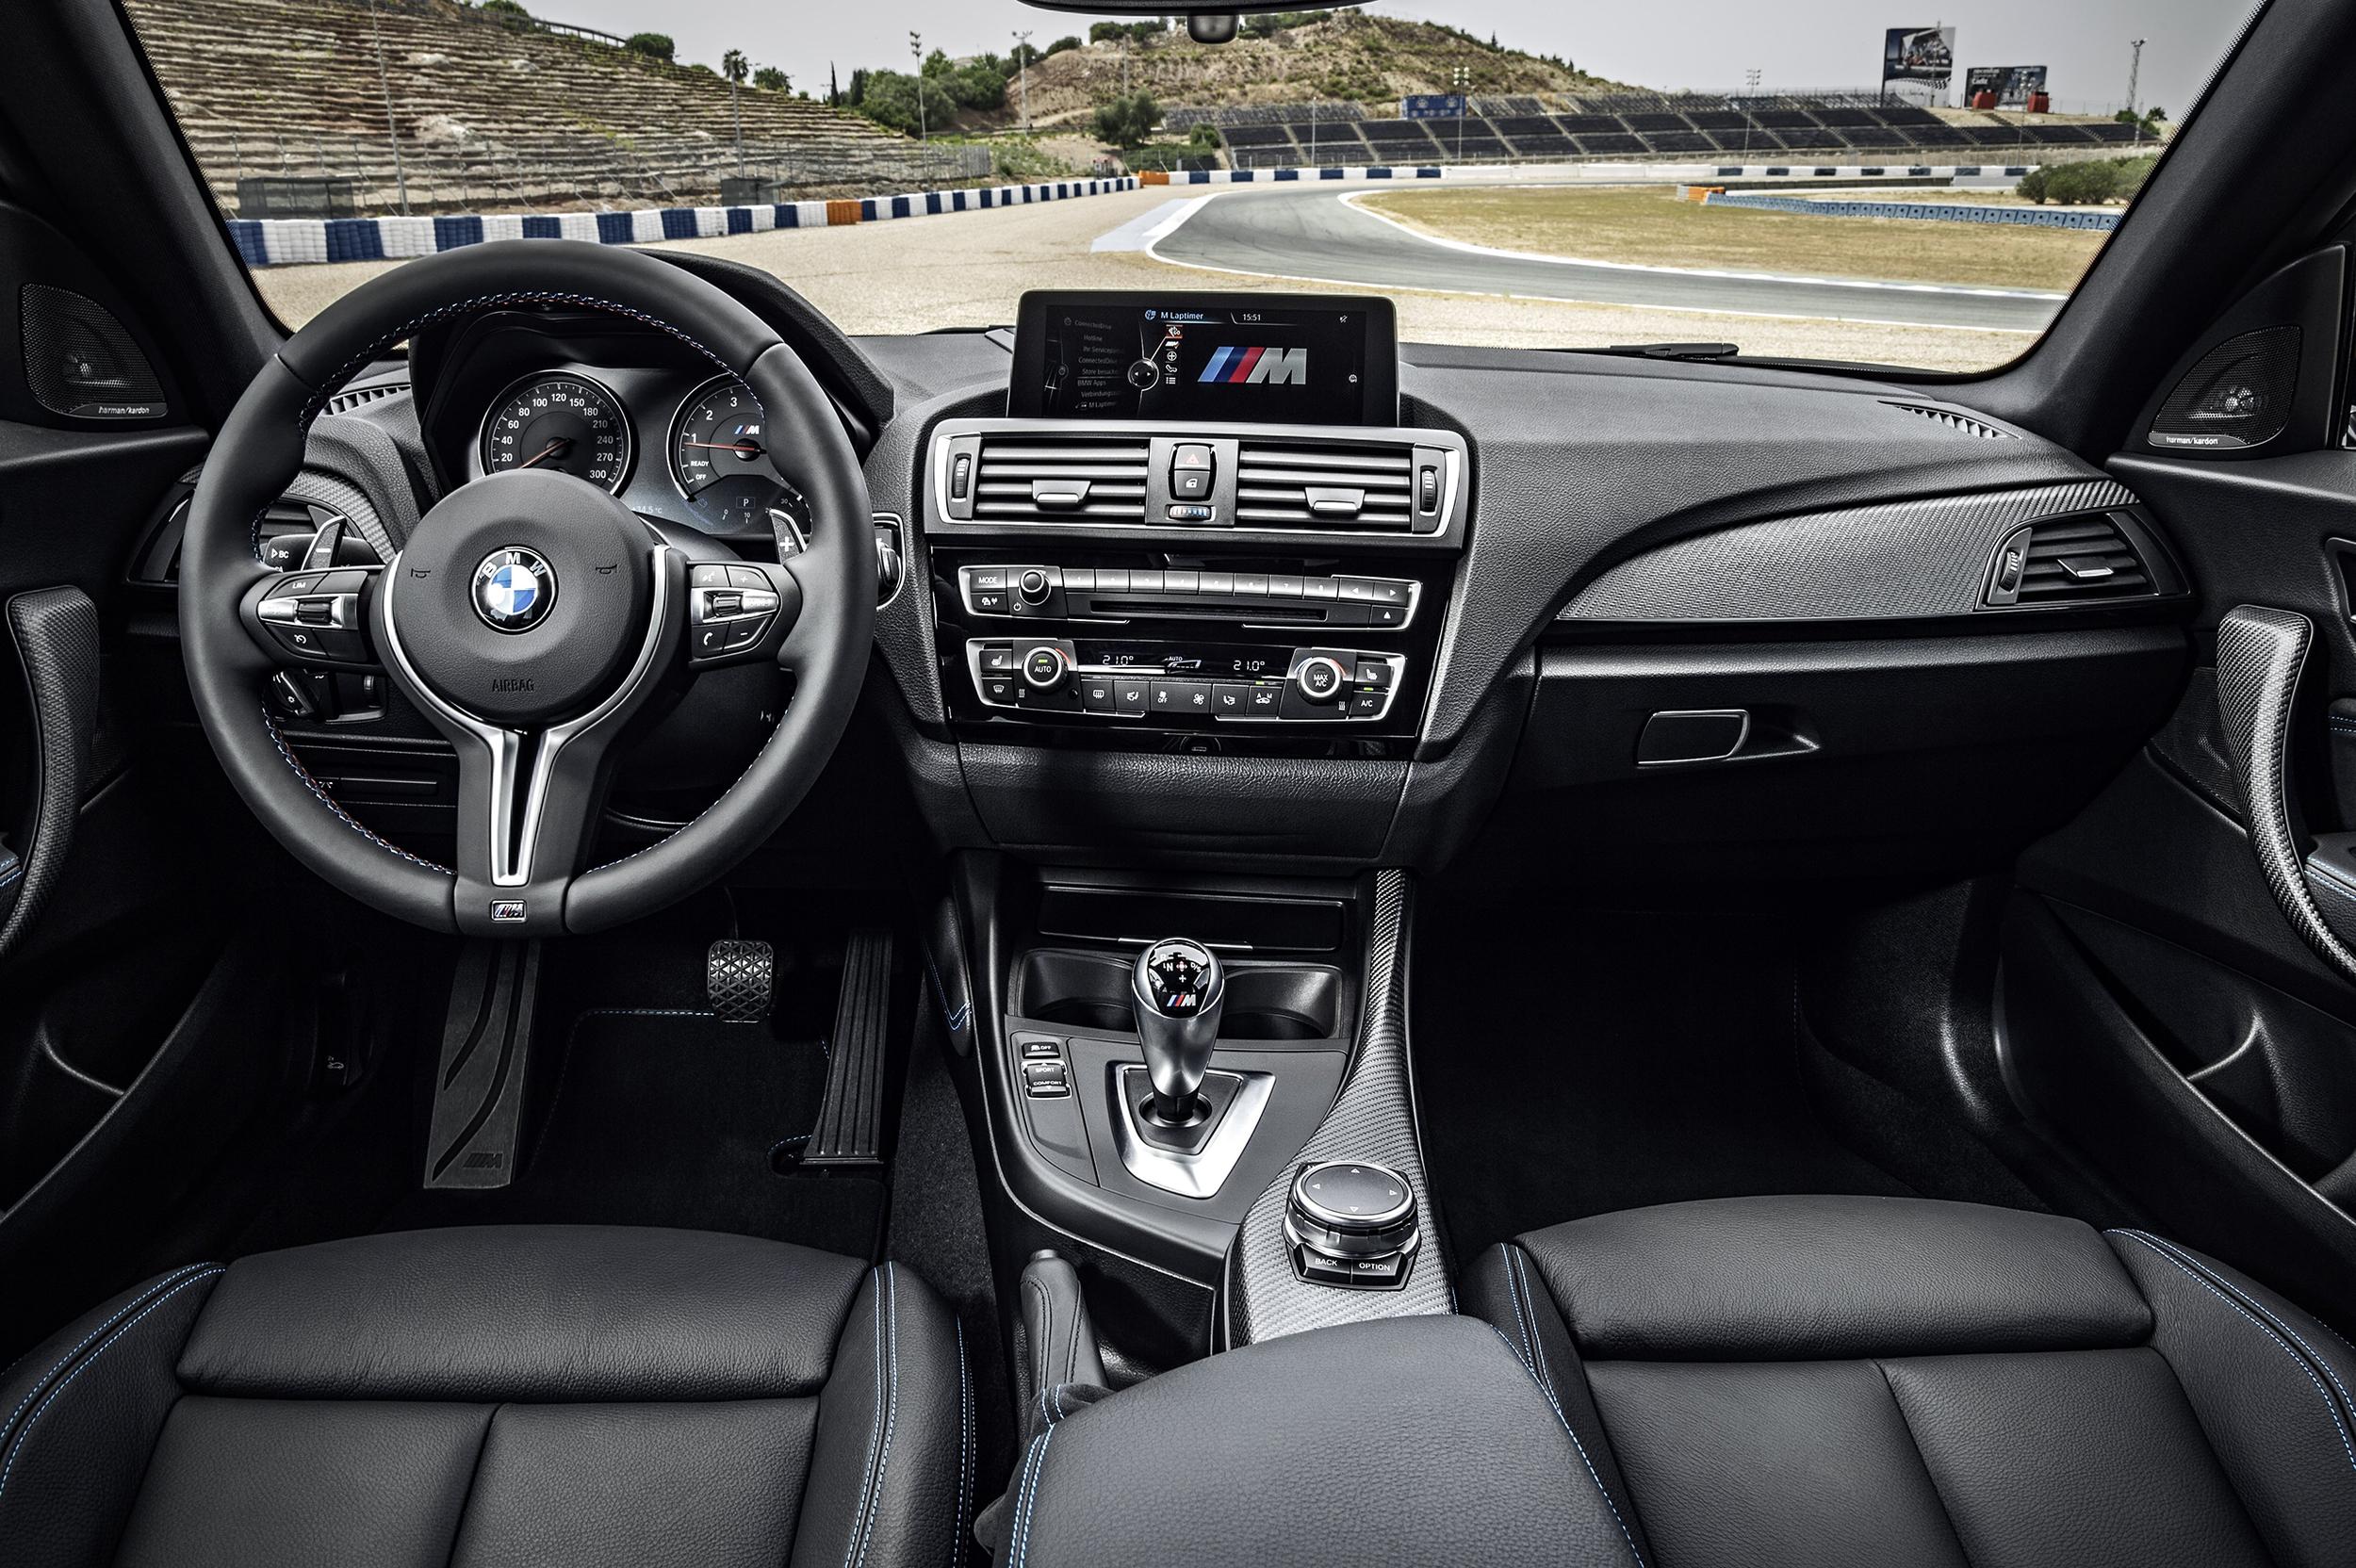 New BMW M2 revealed